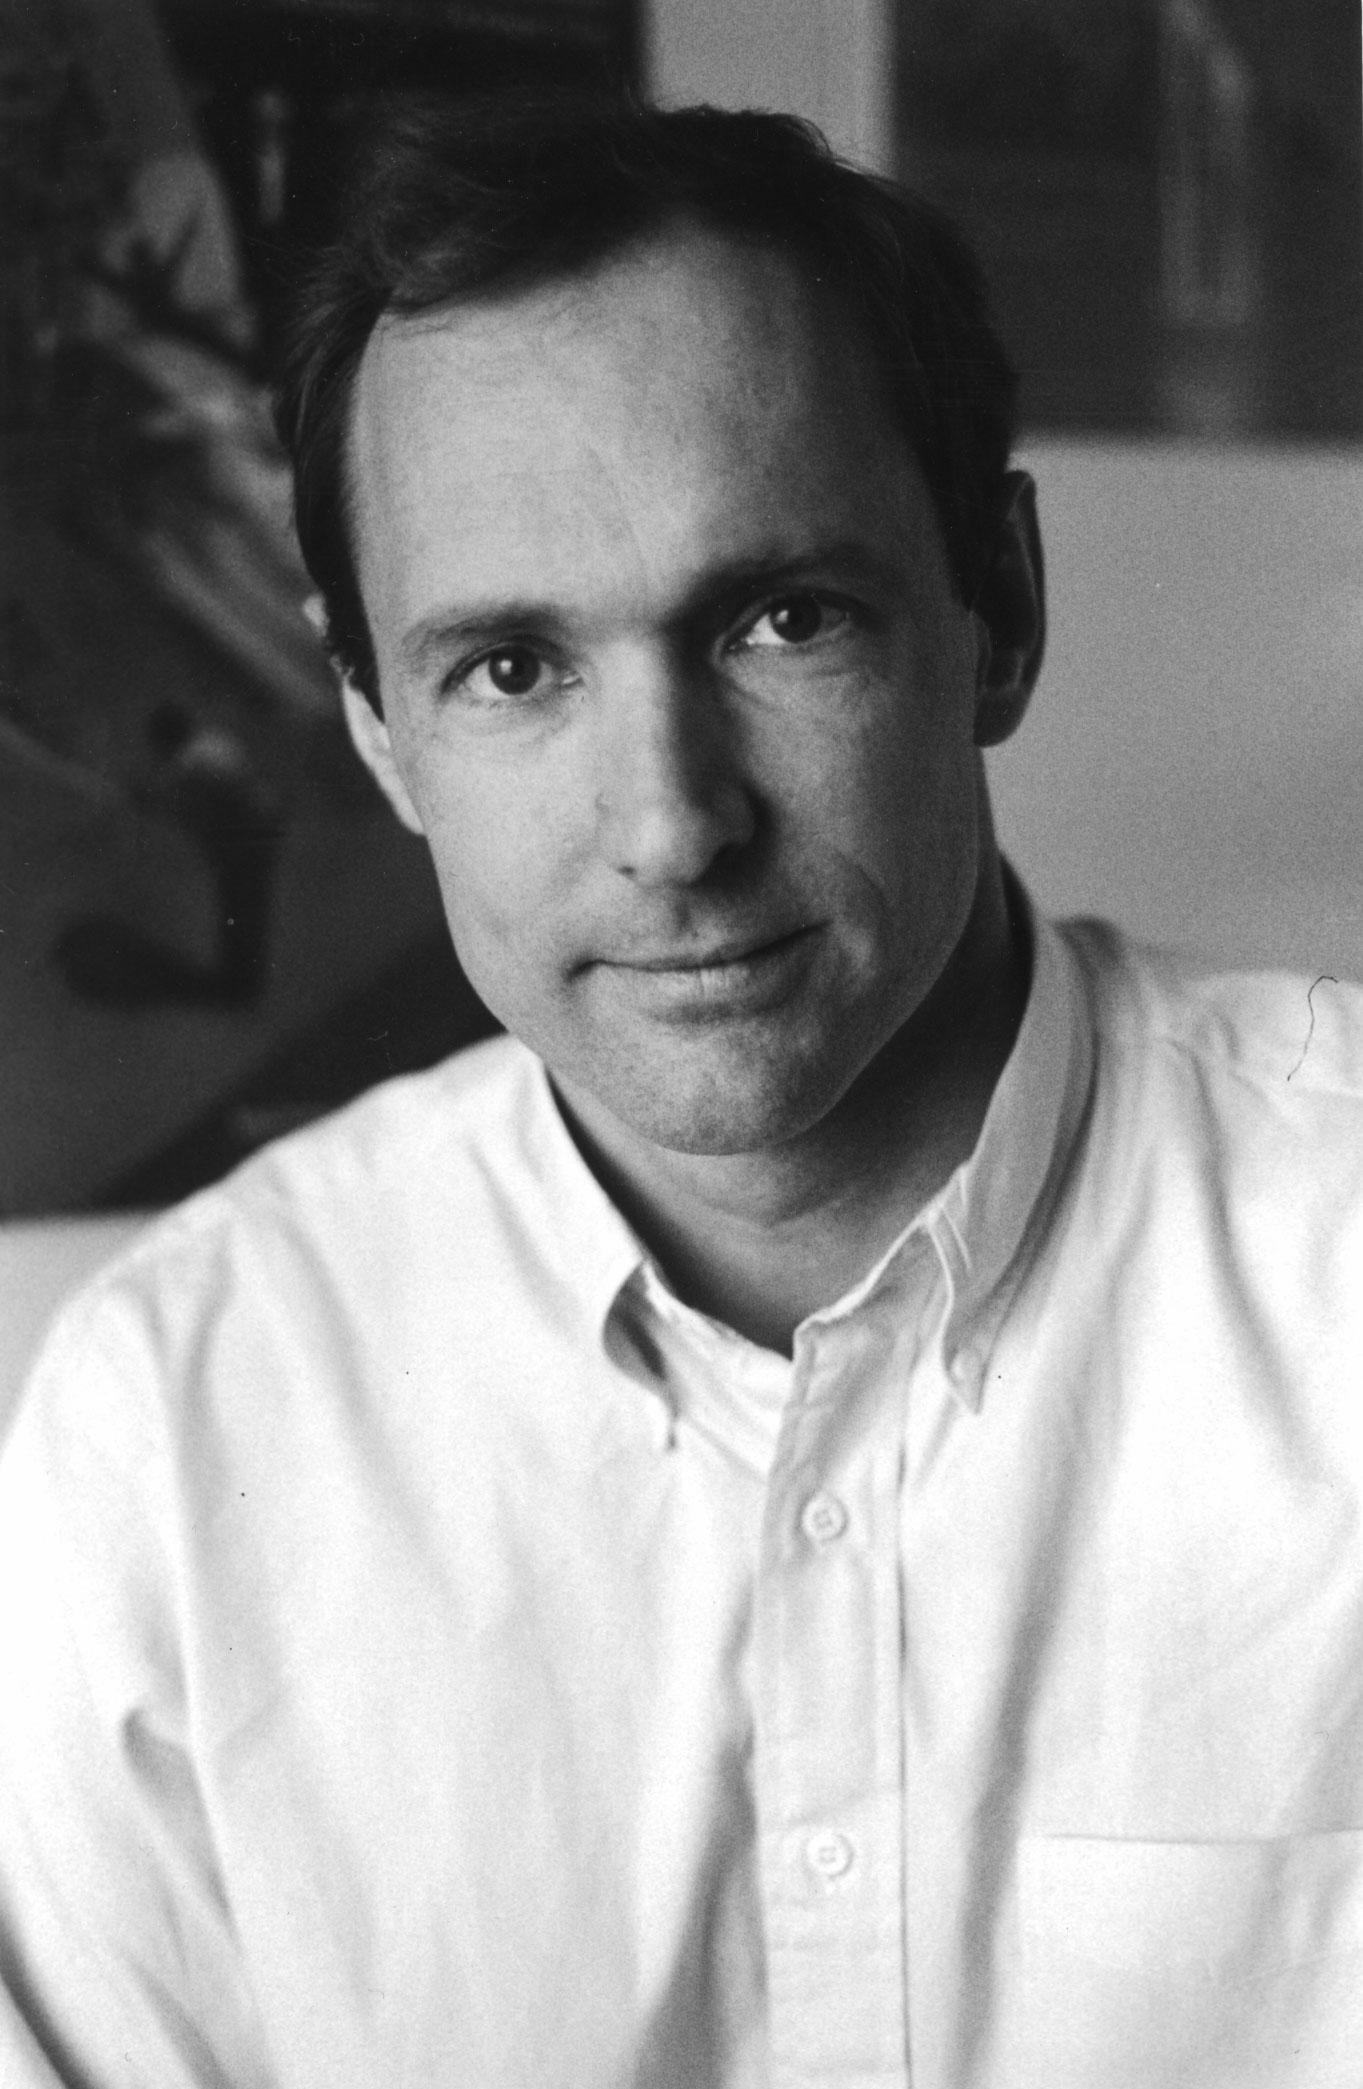 Sir Tim Berners-Lee (b. 1955)